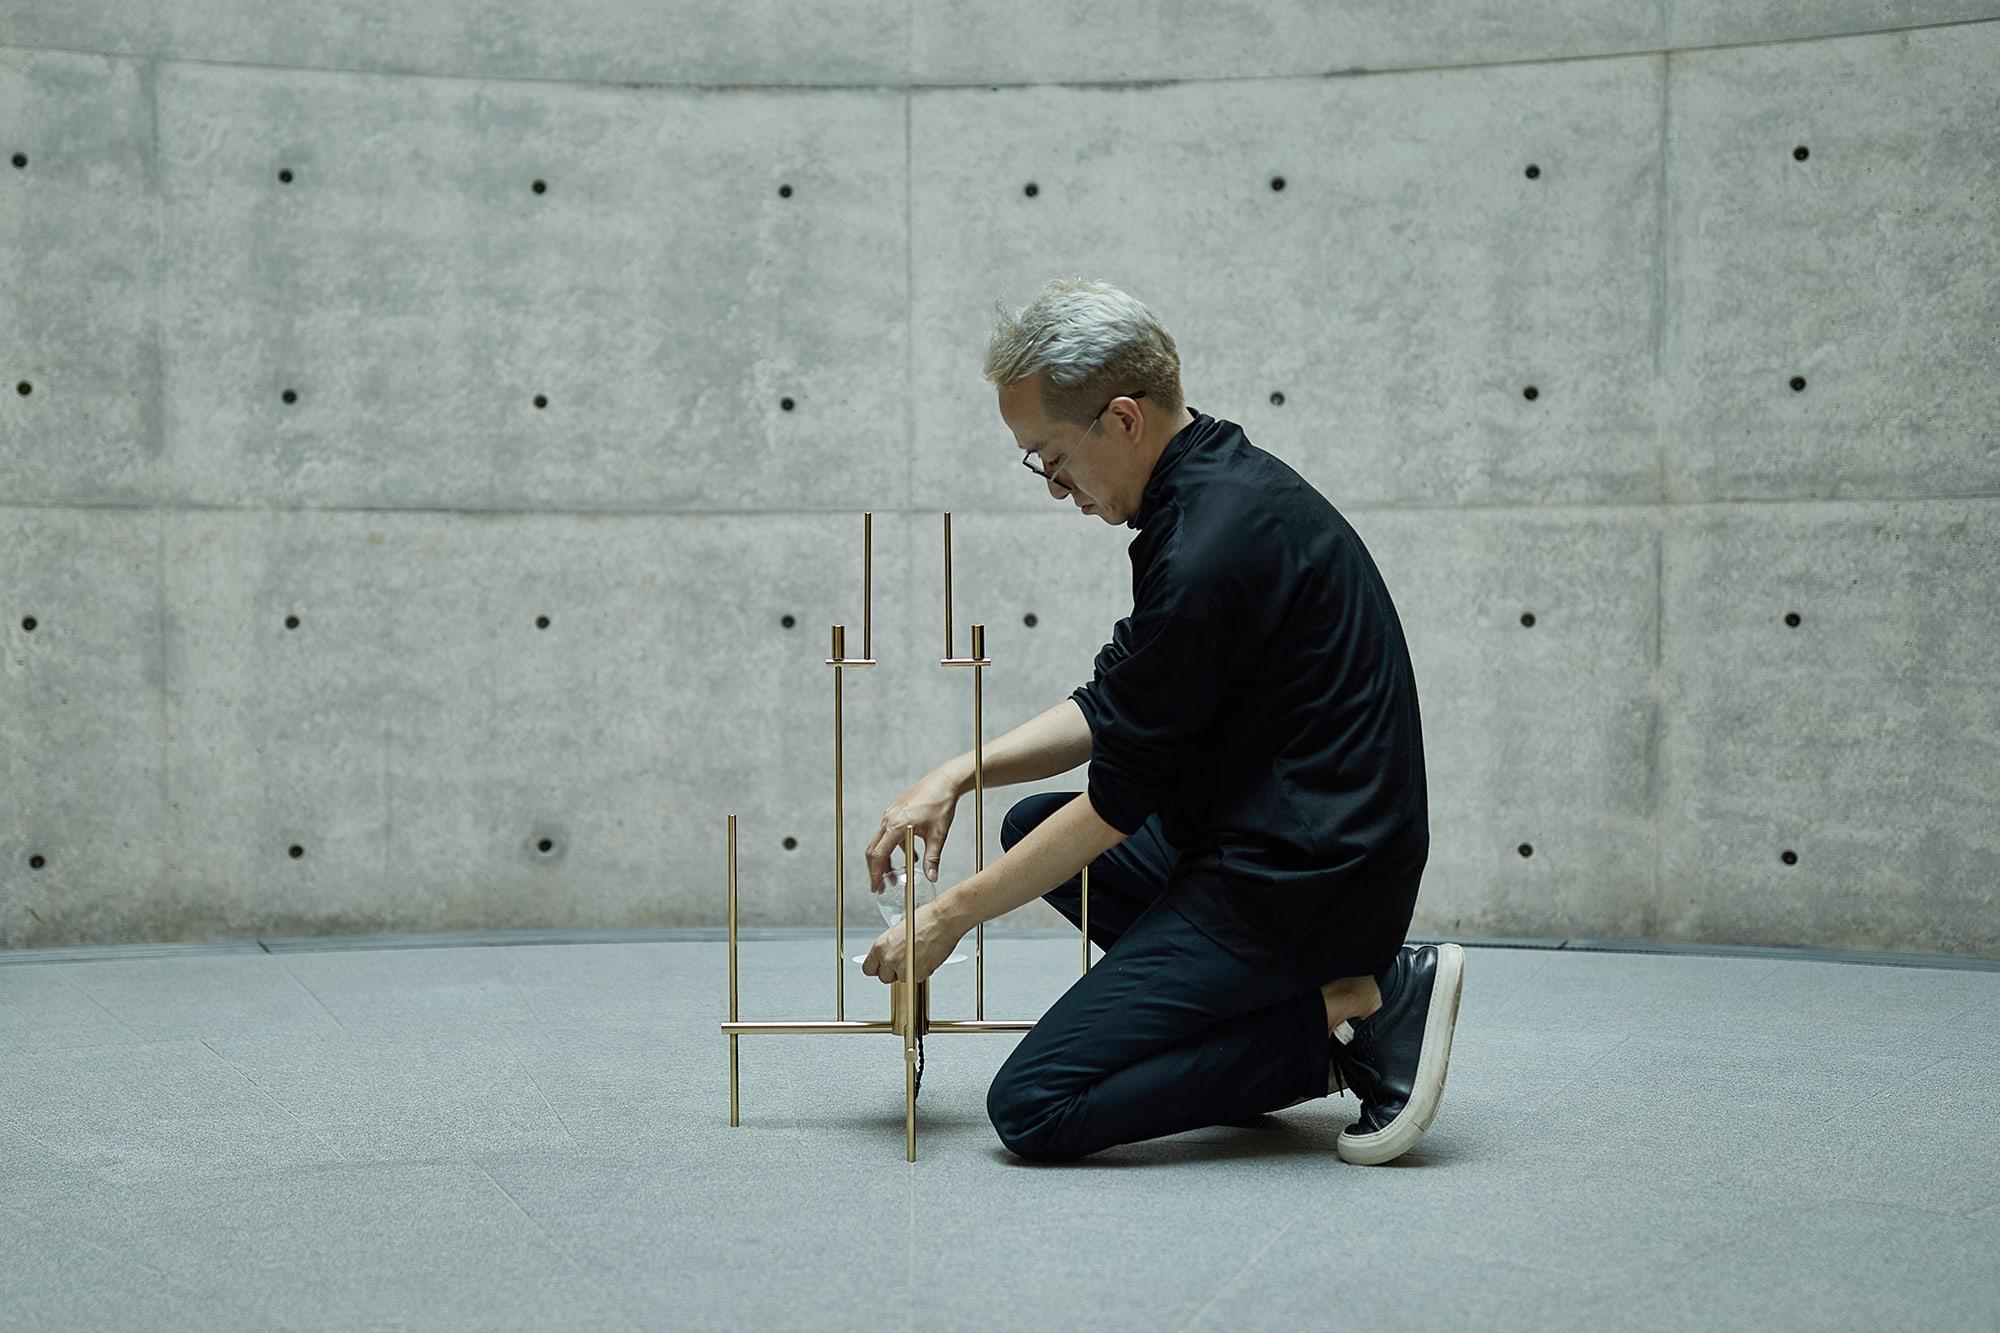 RYOSUKE HARASHIMA